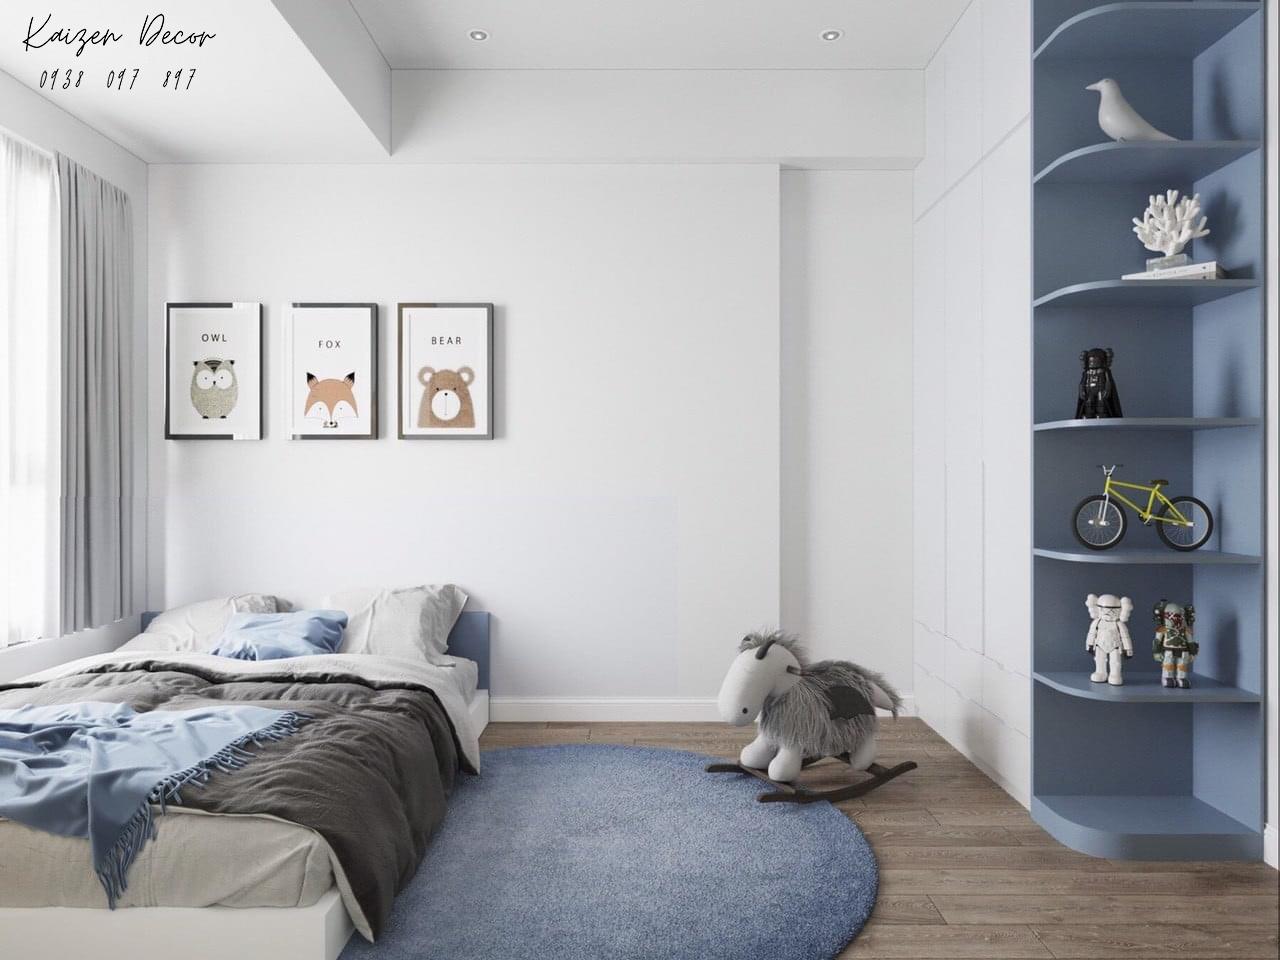 Thiết kế nội thất căn hộ 2PN chung cư Safira